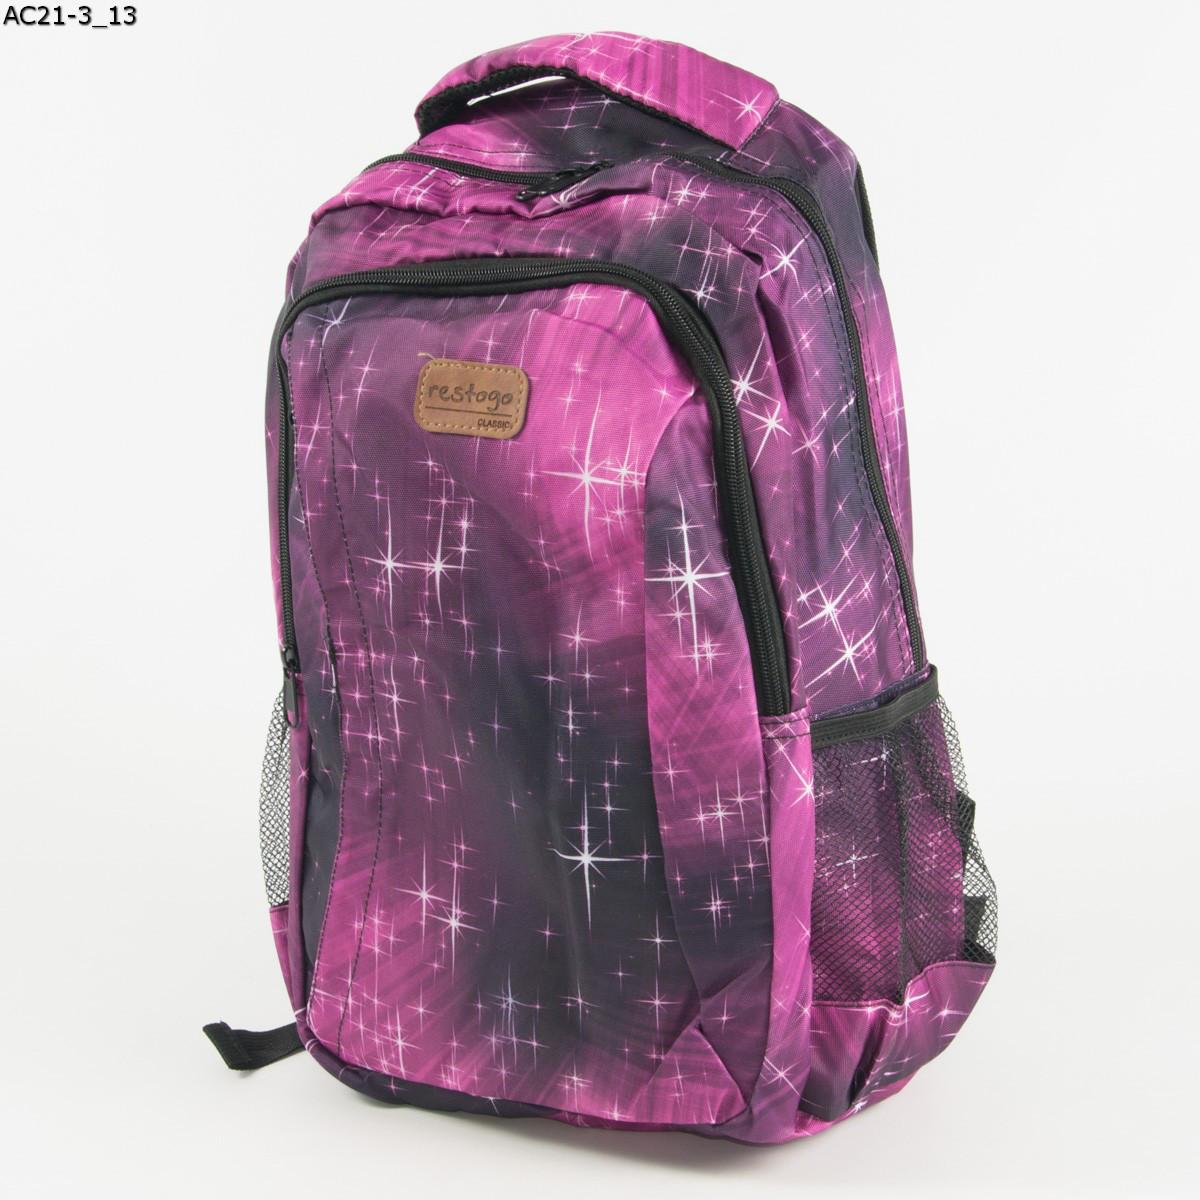 Оптом универсальный рюкзак для школы и прогулок - розовый - АС21-3